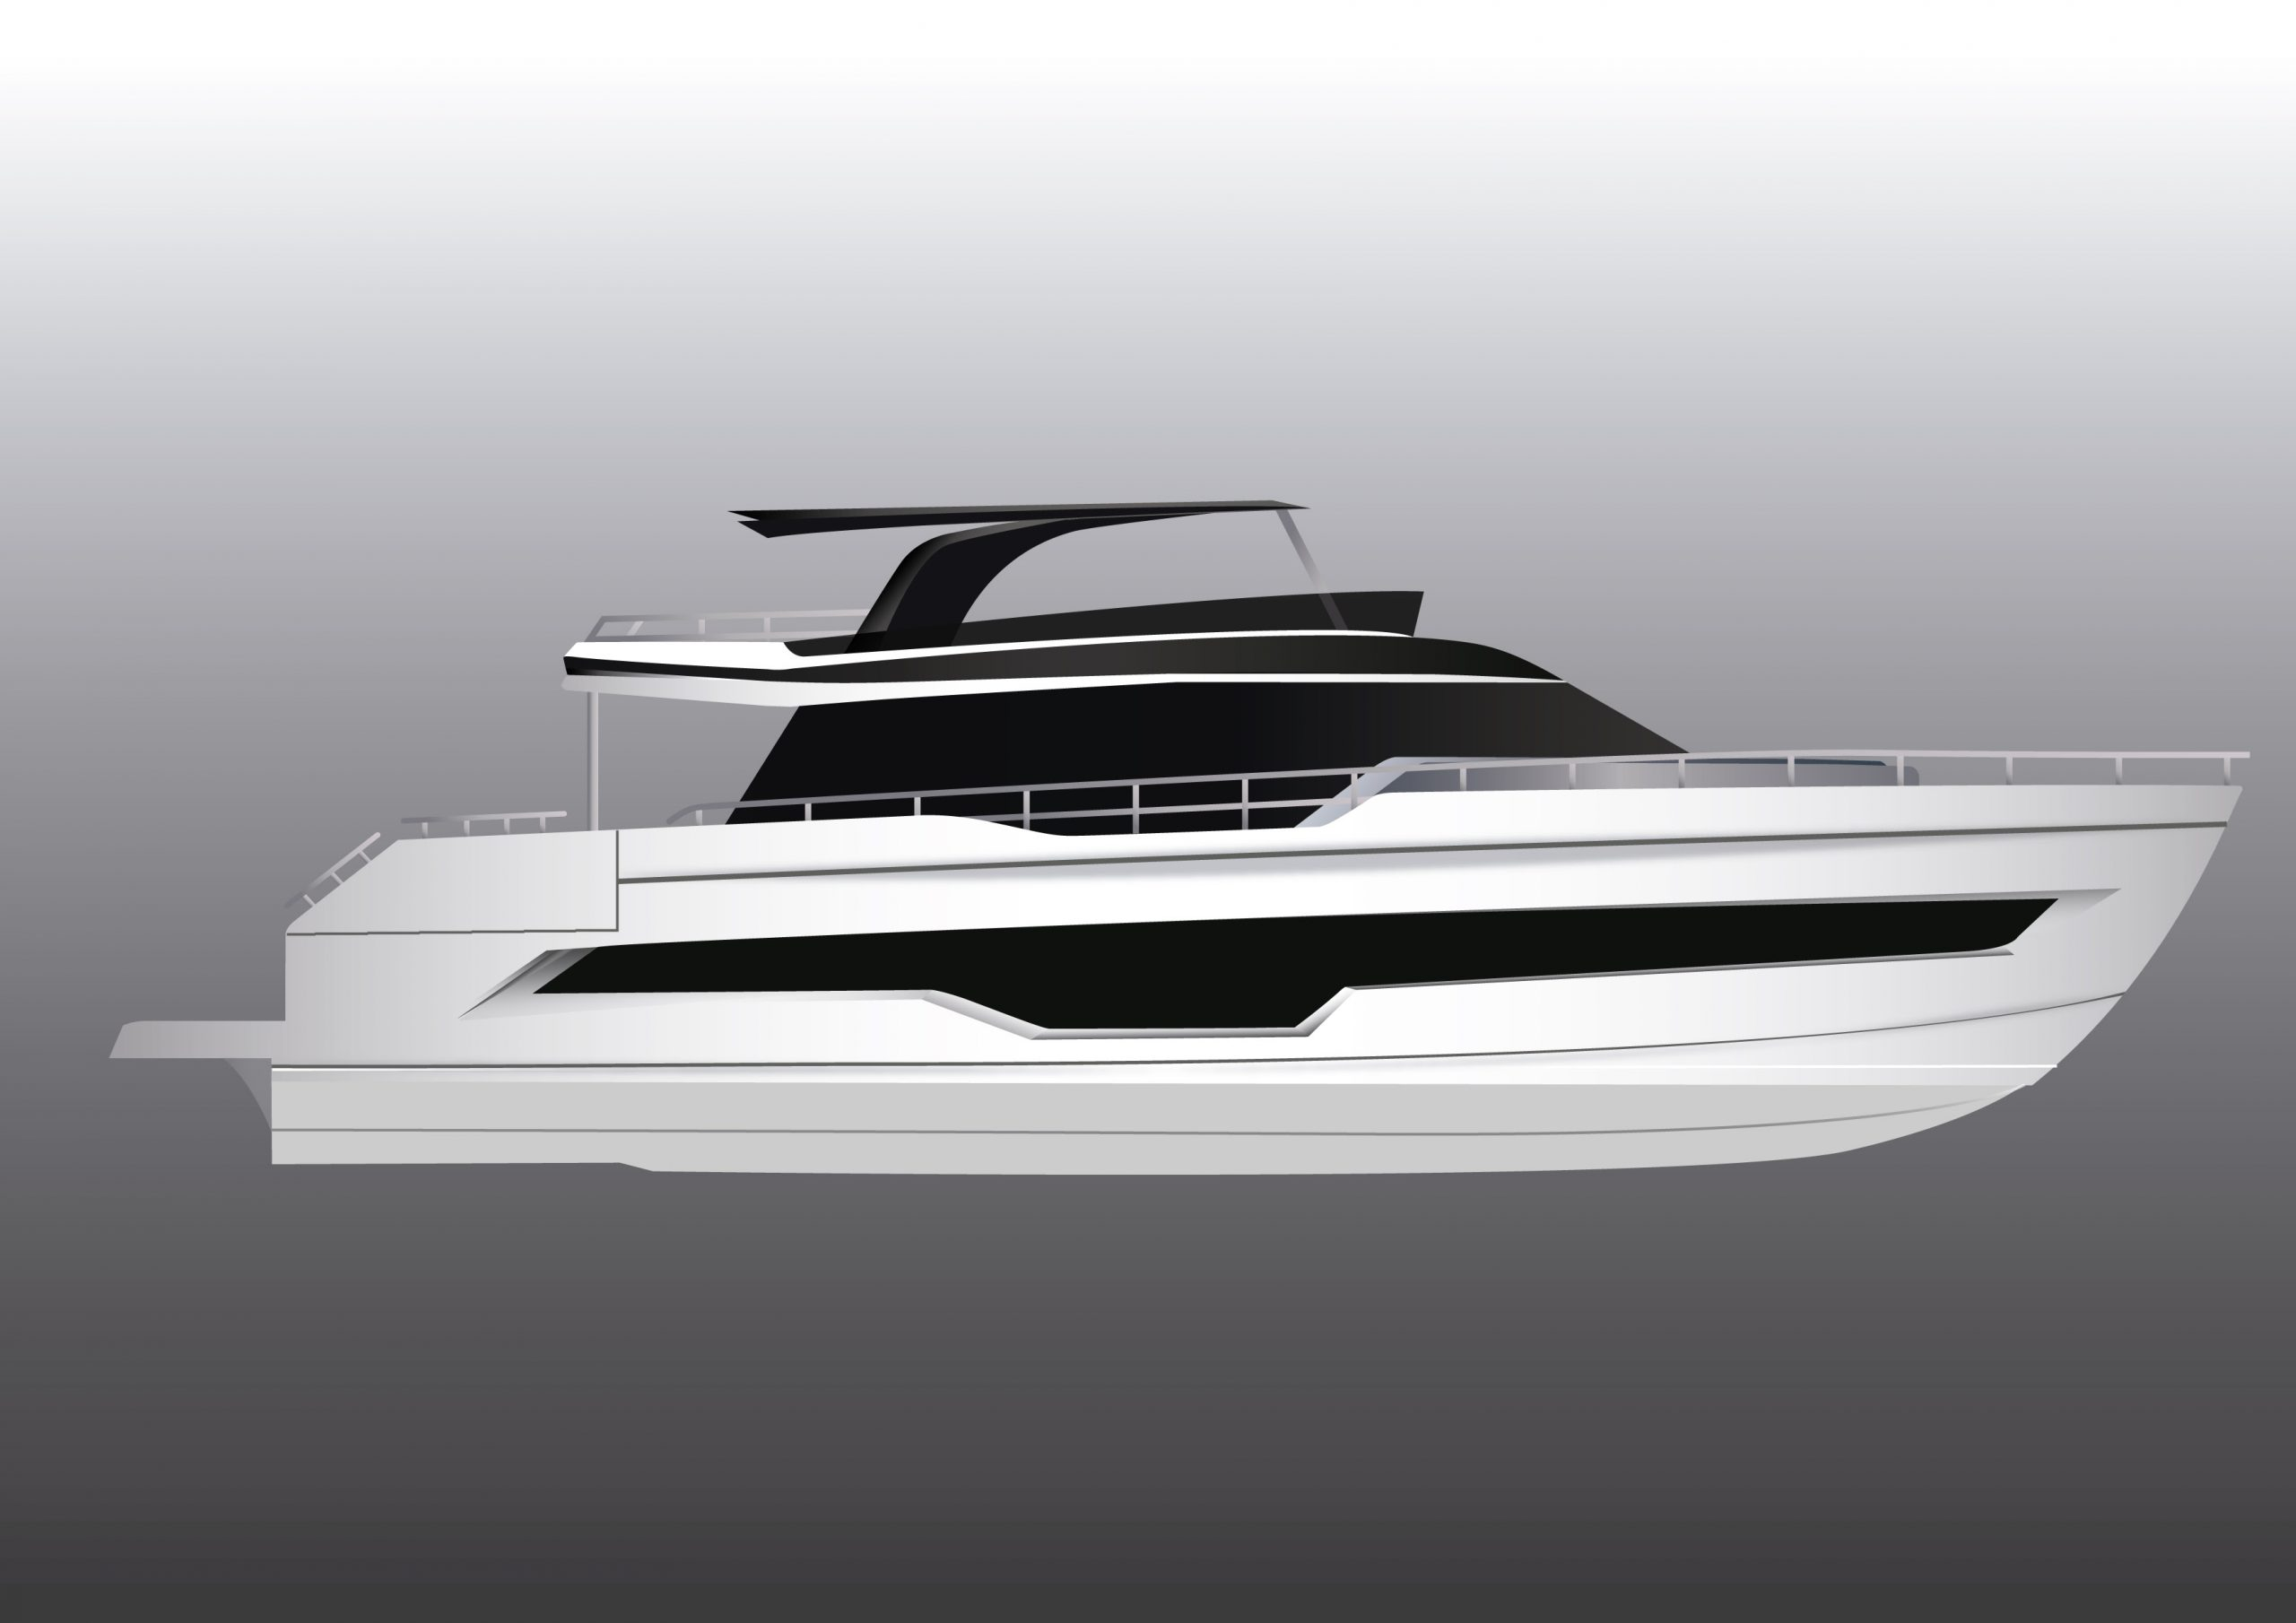 Nova Tethys 66 Flybridge - boat shopping